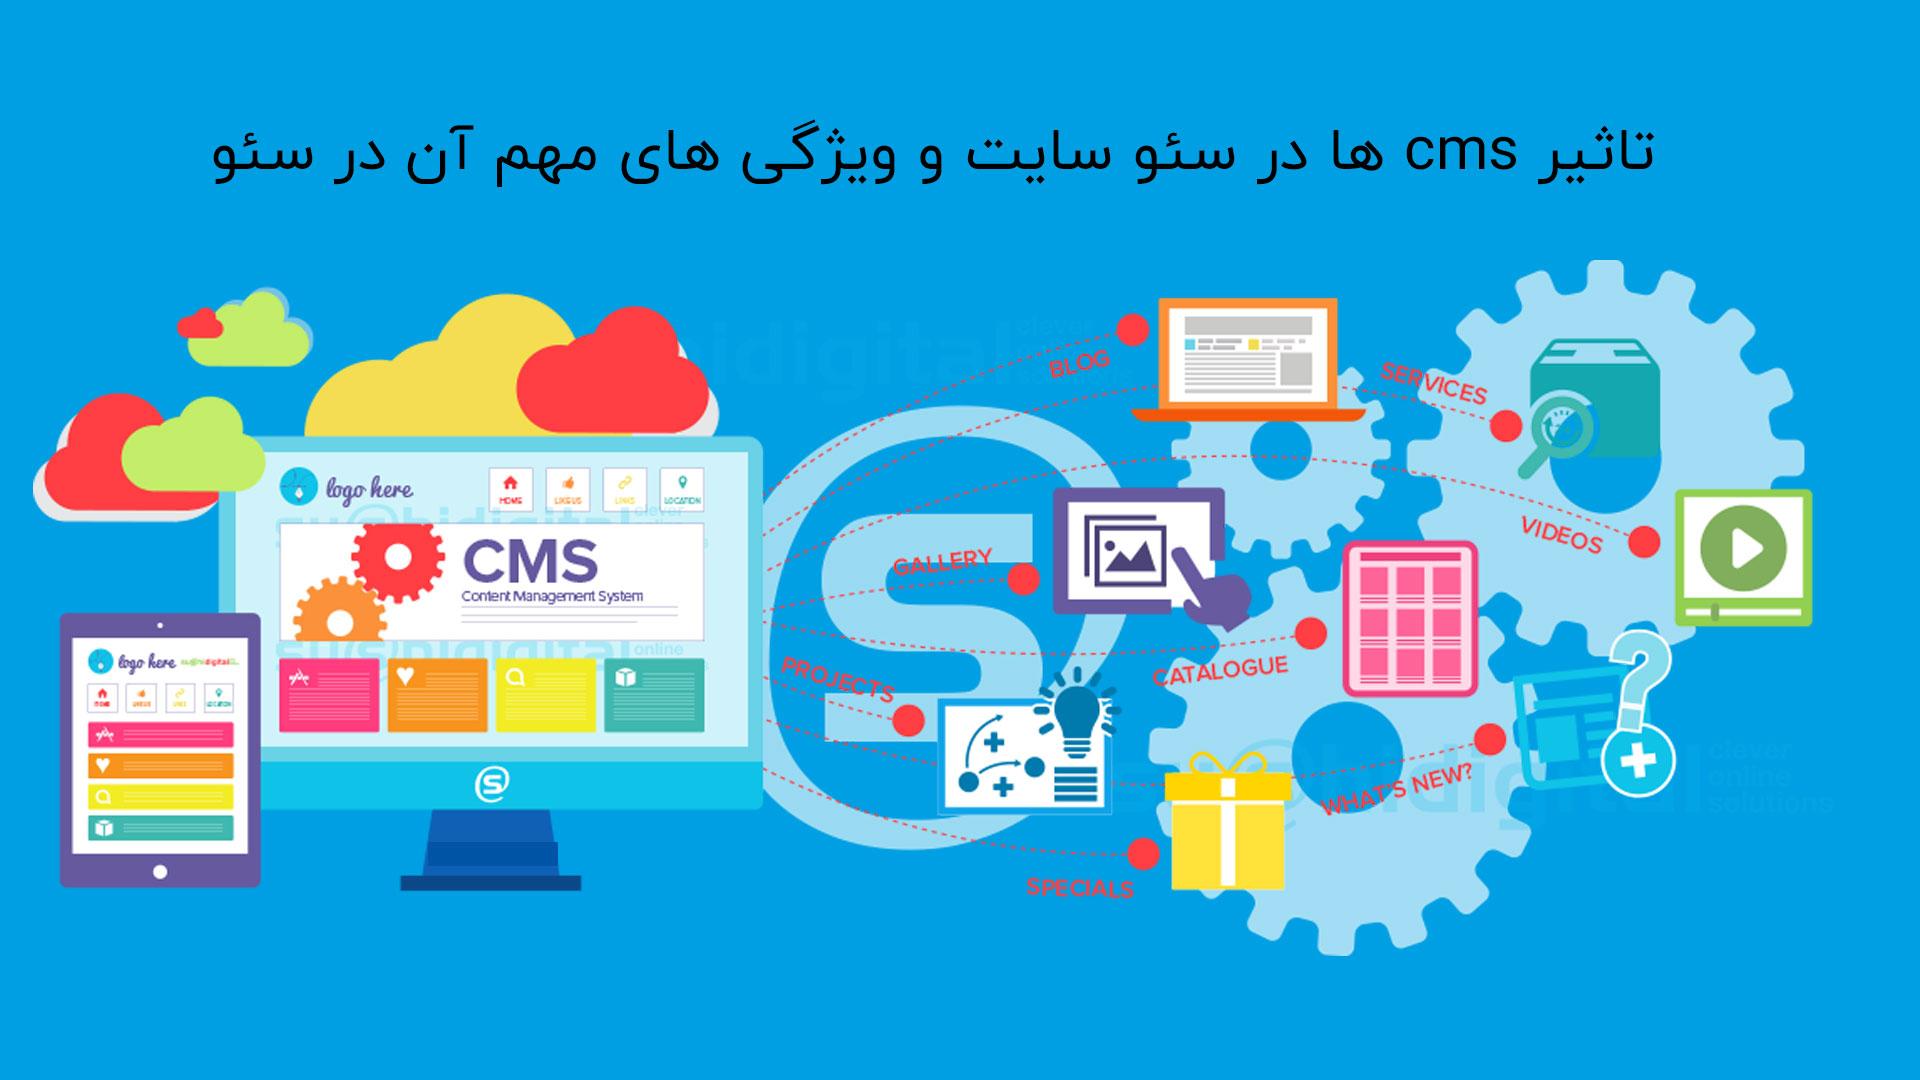 تاثیر-cms-ها-در-سئو-سایت-و-ویژگی-های-مهم-آن-در-سئو